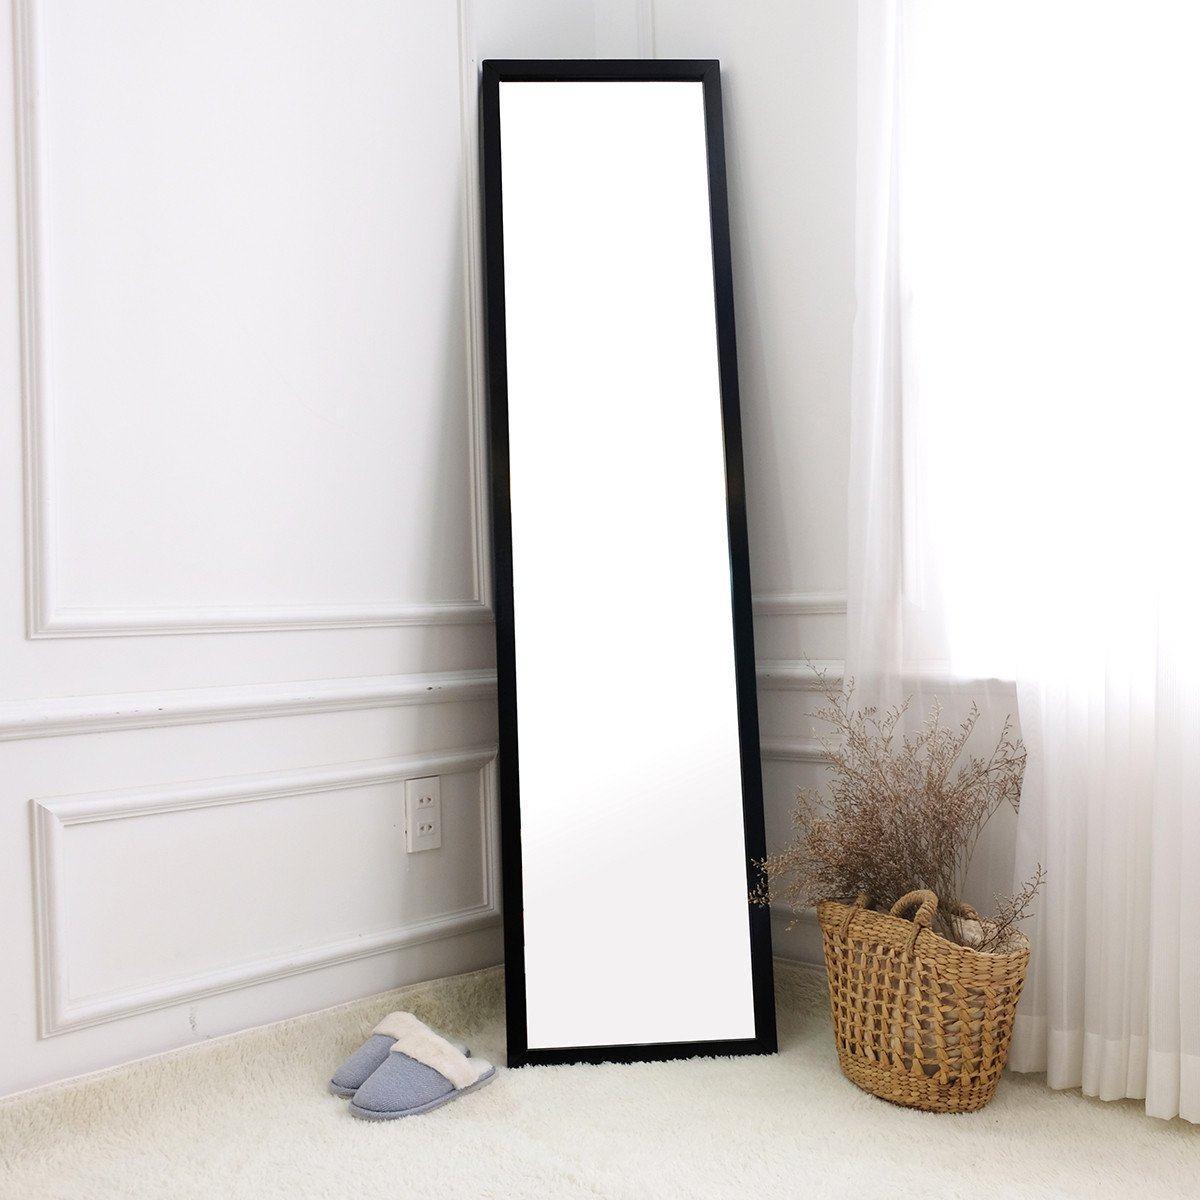 Gương đứng soi toàn thân trang điểm khung gỗ Hàn Quốc Standing Mirror BEYOURs - Màu đen giá tốt - 2841 | Fitinvn